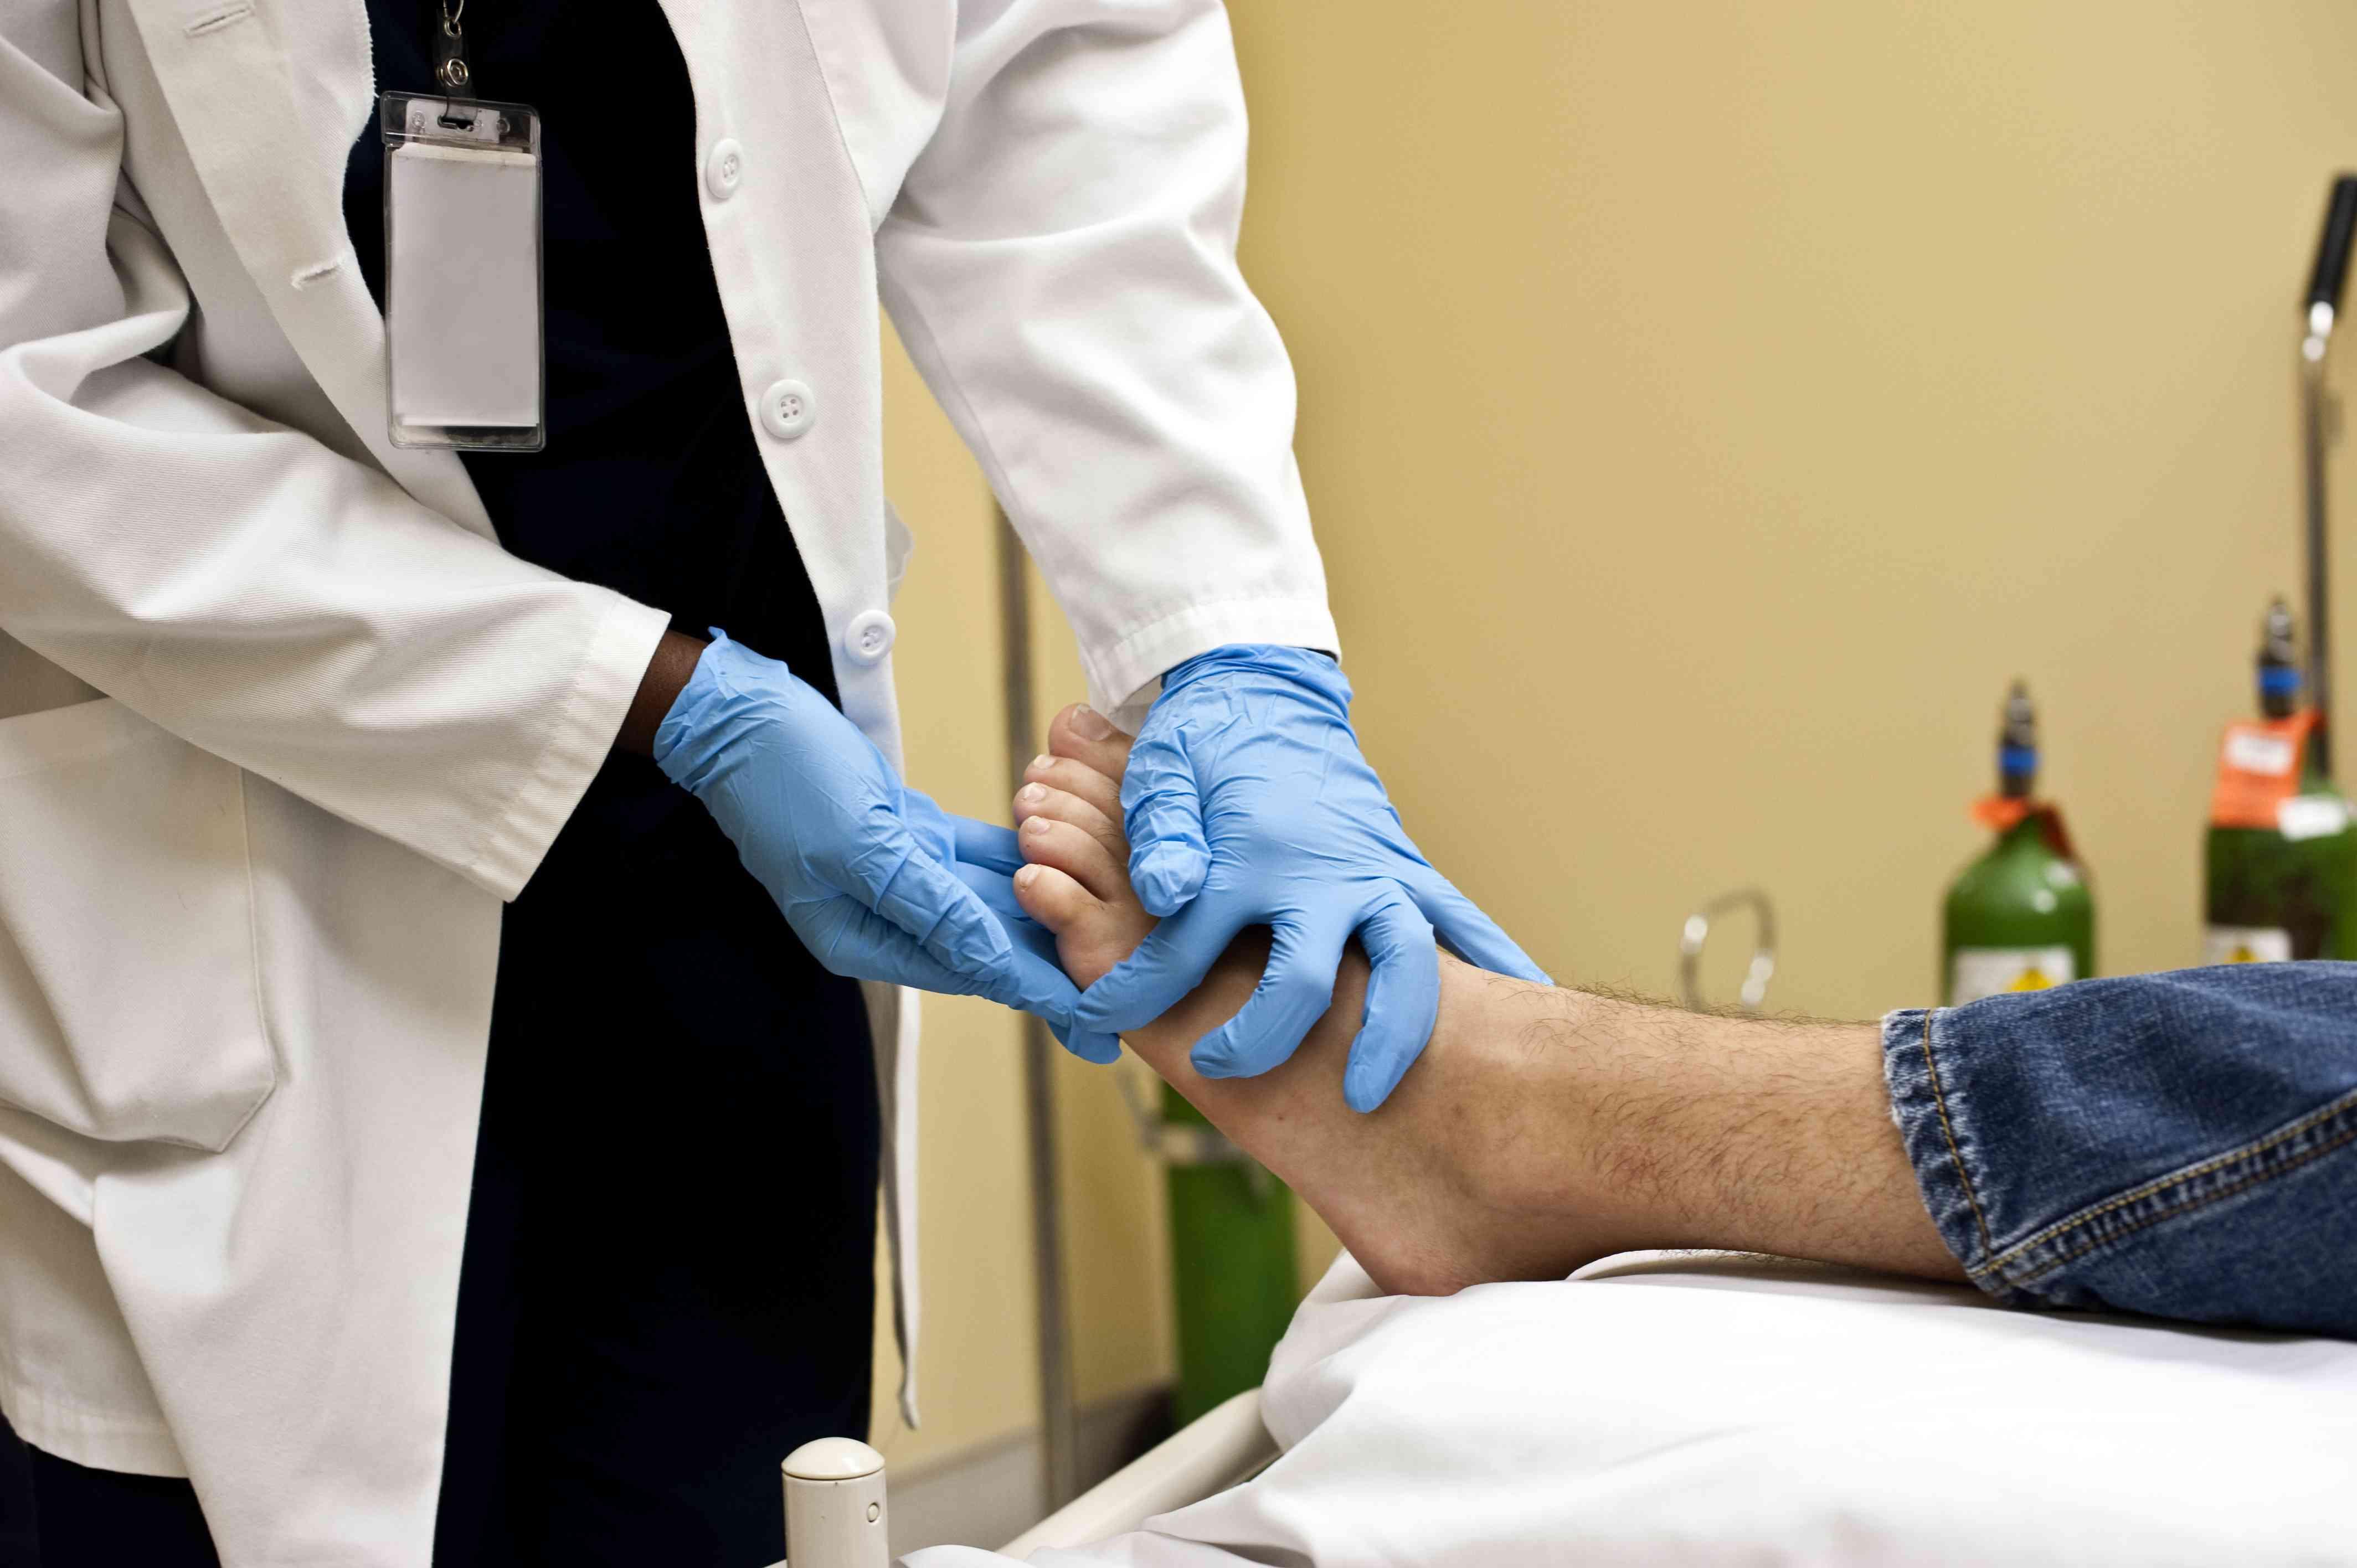 A podiatrist examining his patient's foot